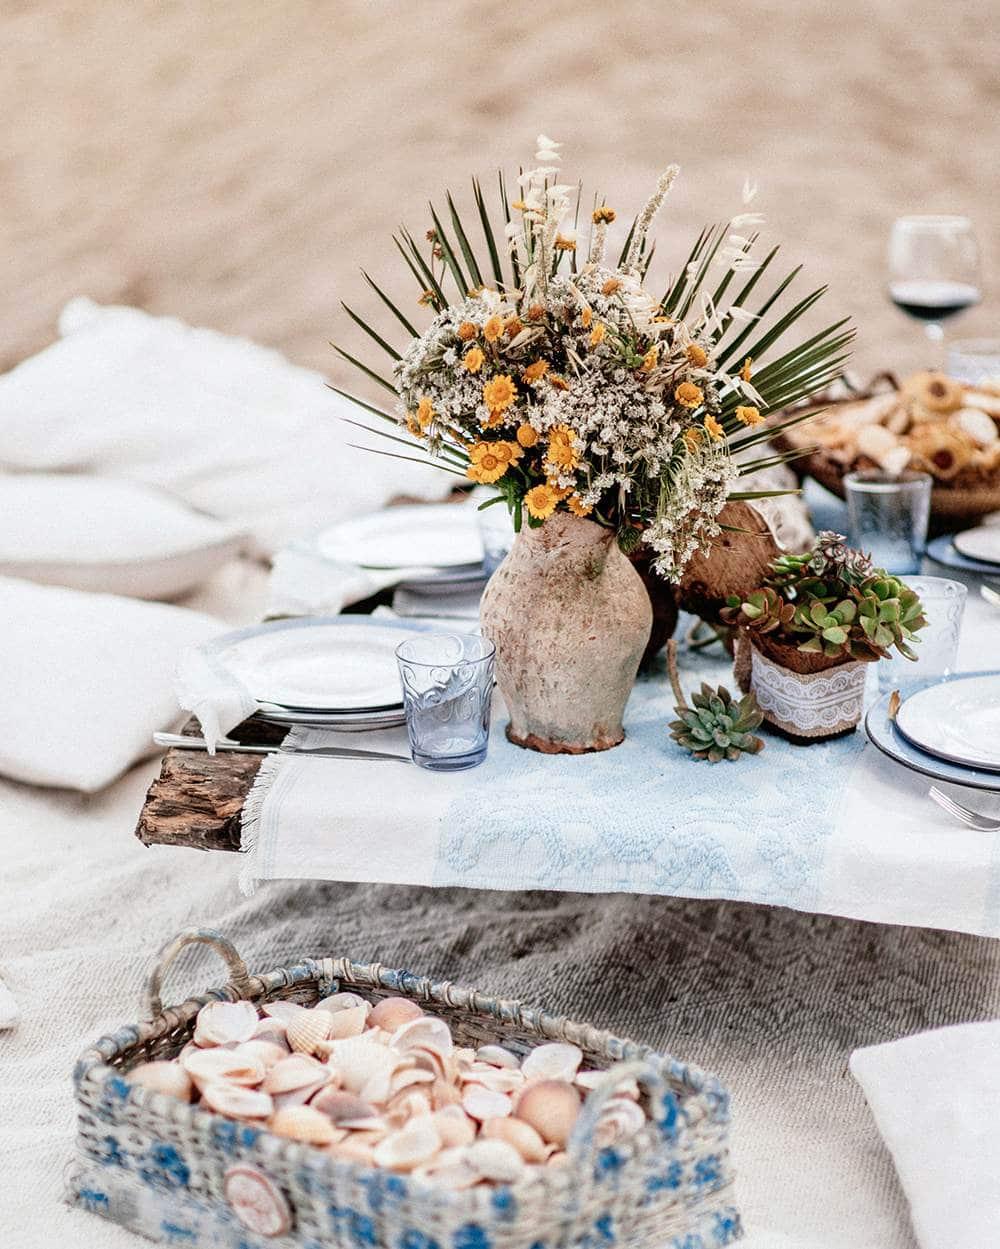 организация семейных фотосессий - пикников на Сардинии